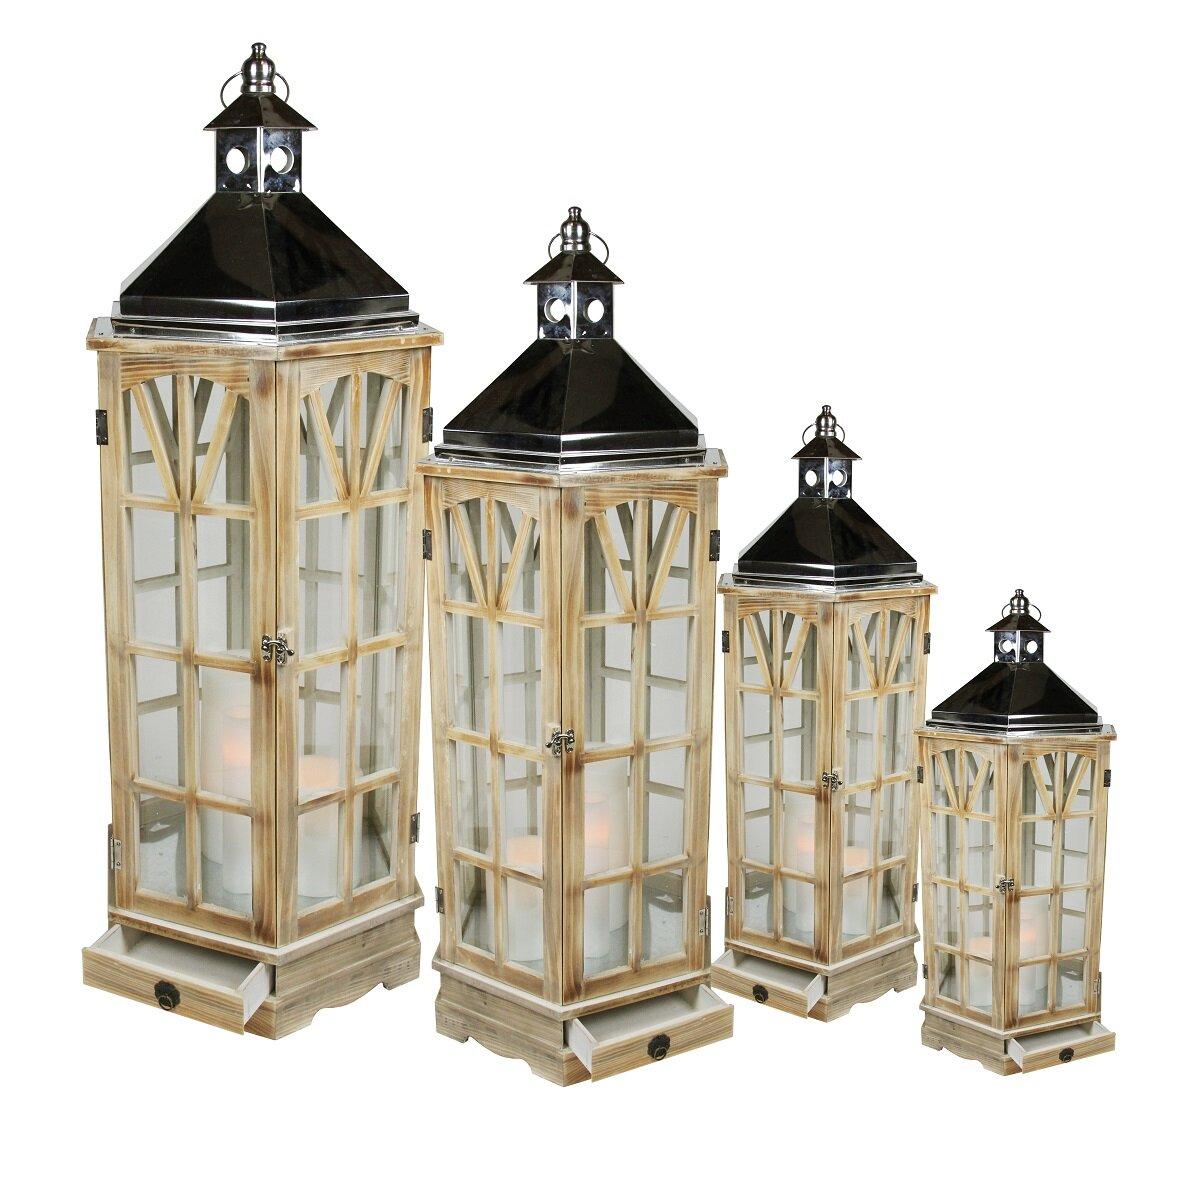 Northlight 4 piece wooden garden round lanterns with for Wooden garden lanterns